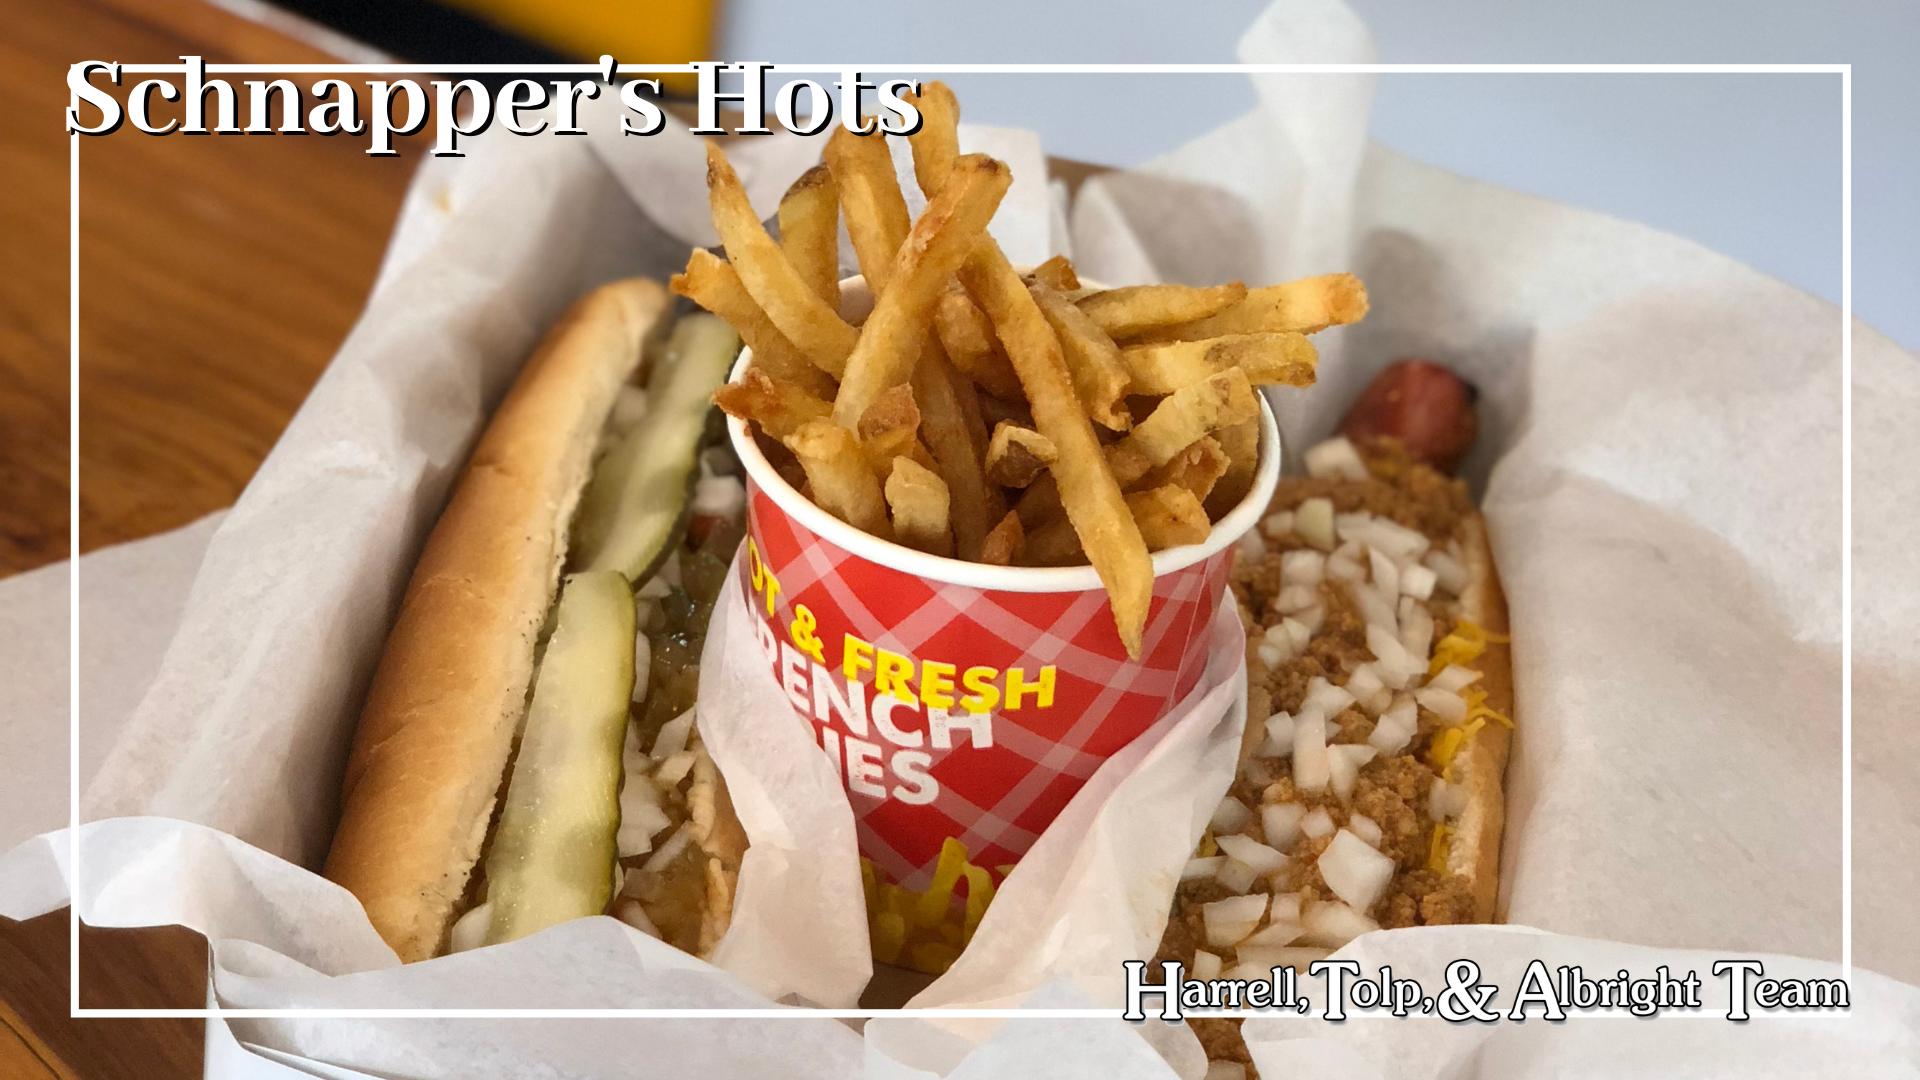 Schnapper's Hots Hot Dogs